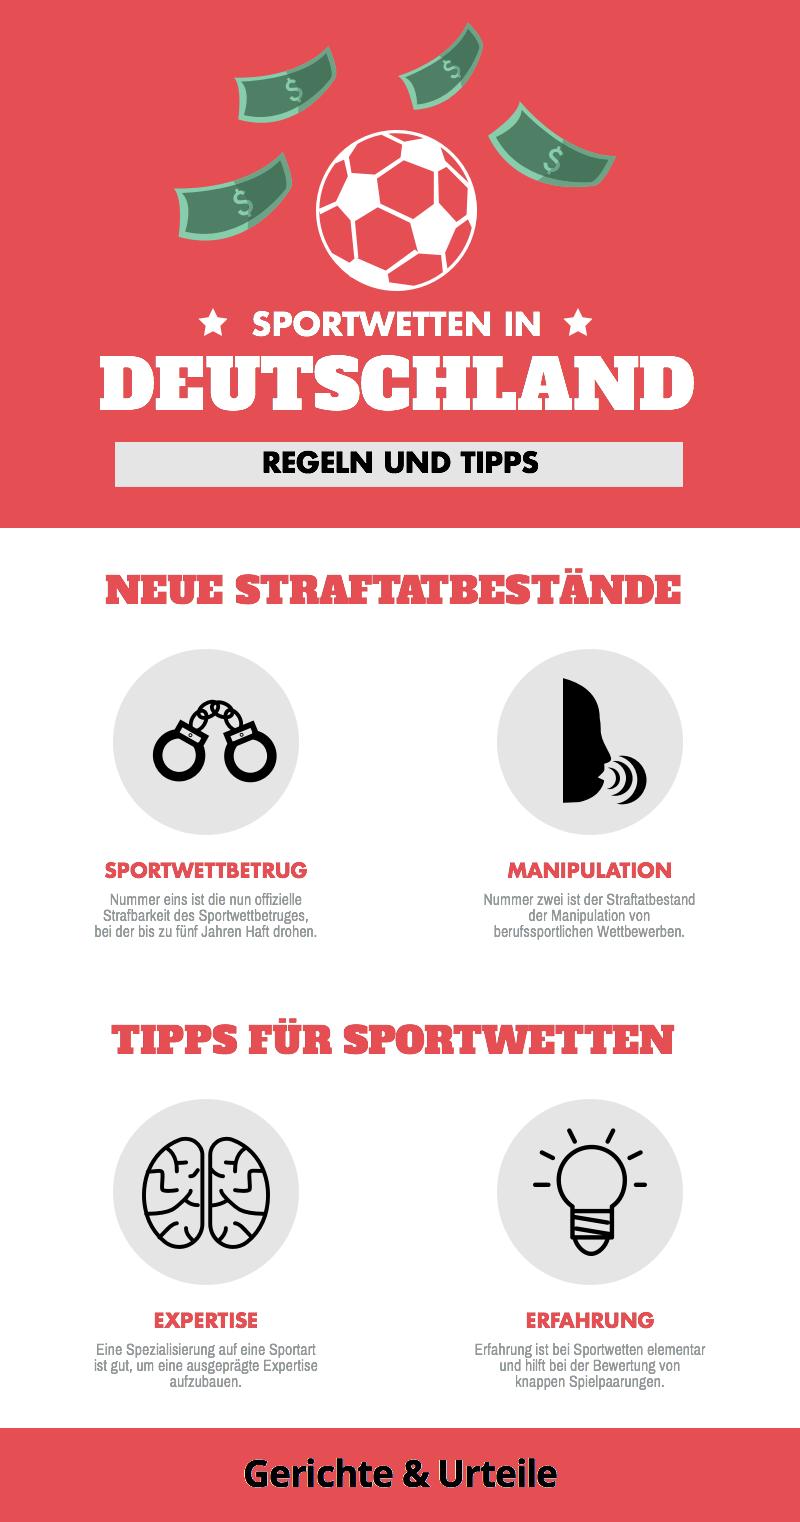 Infografik: Sportwetten sind für viele Menschen in Deutschland eine sehr beliebte Freizeitbeschäftigung.